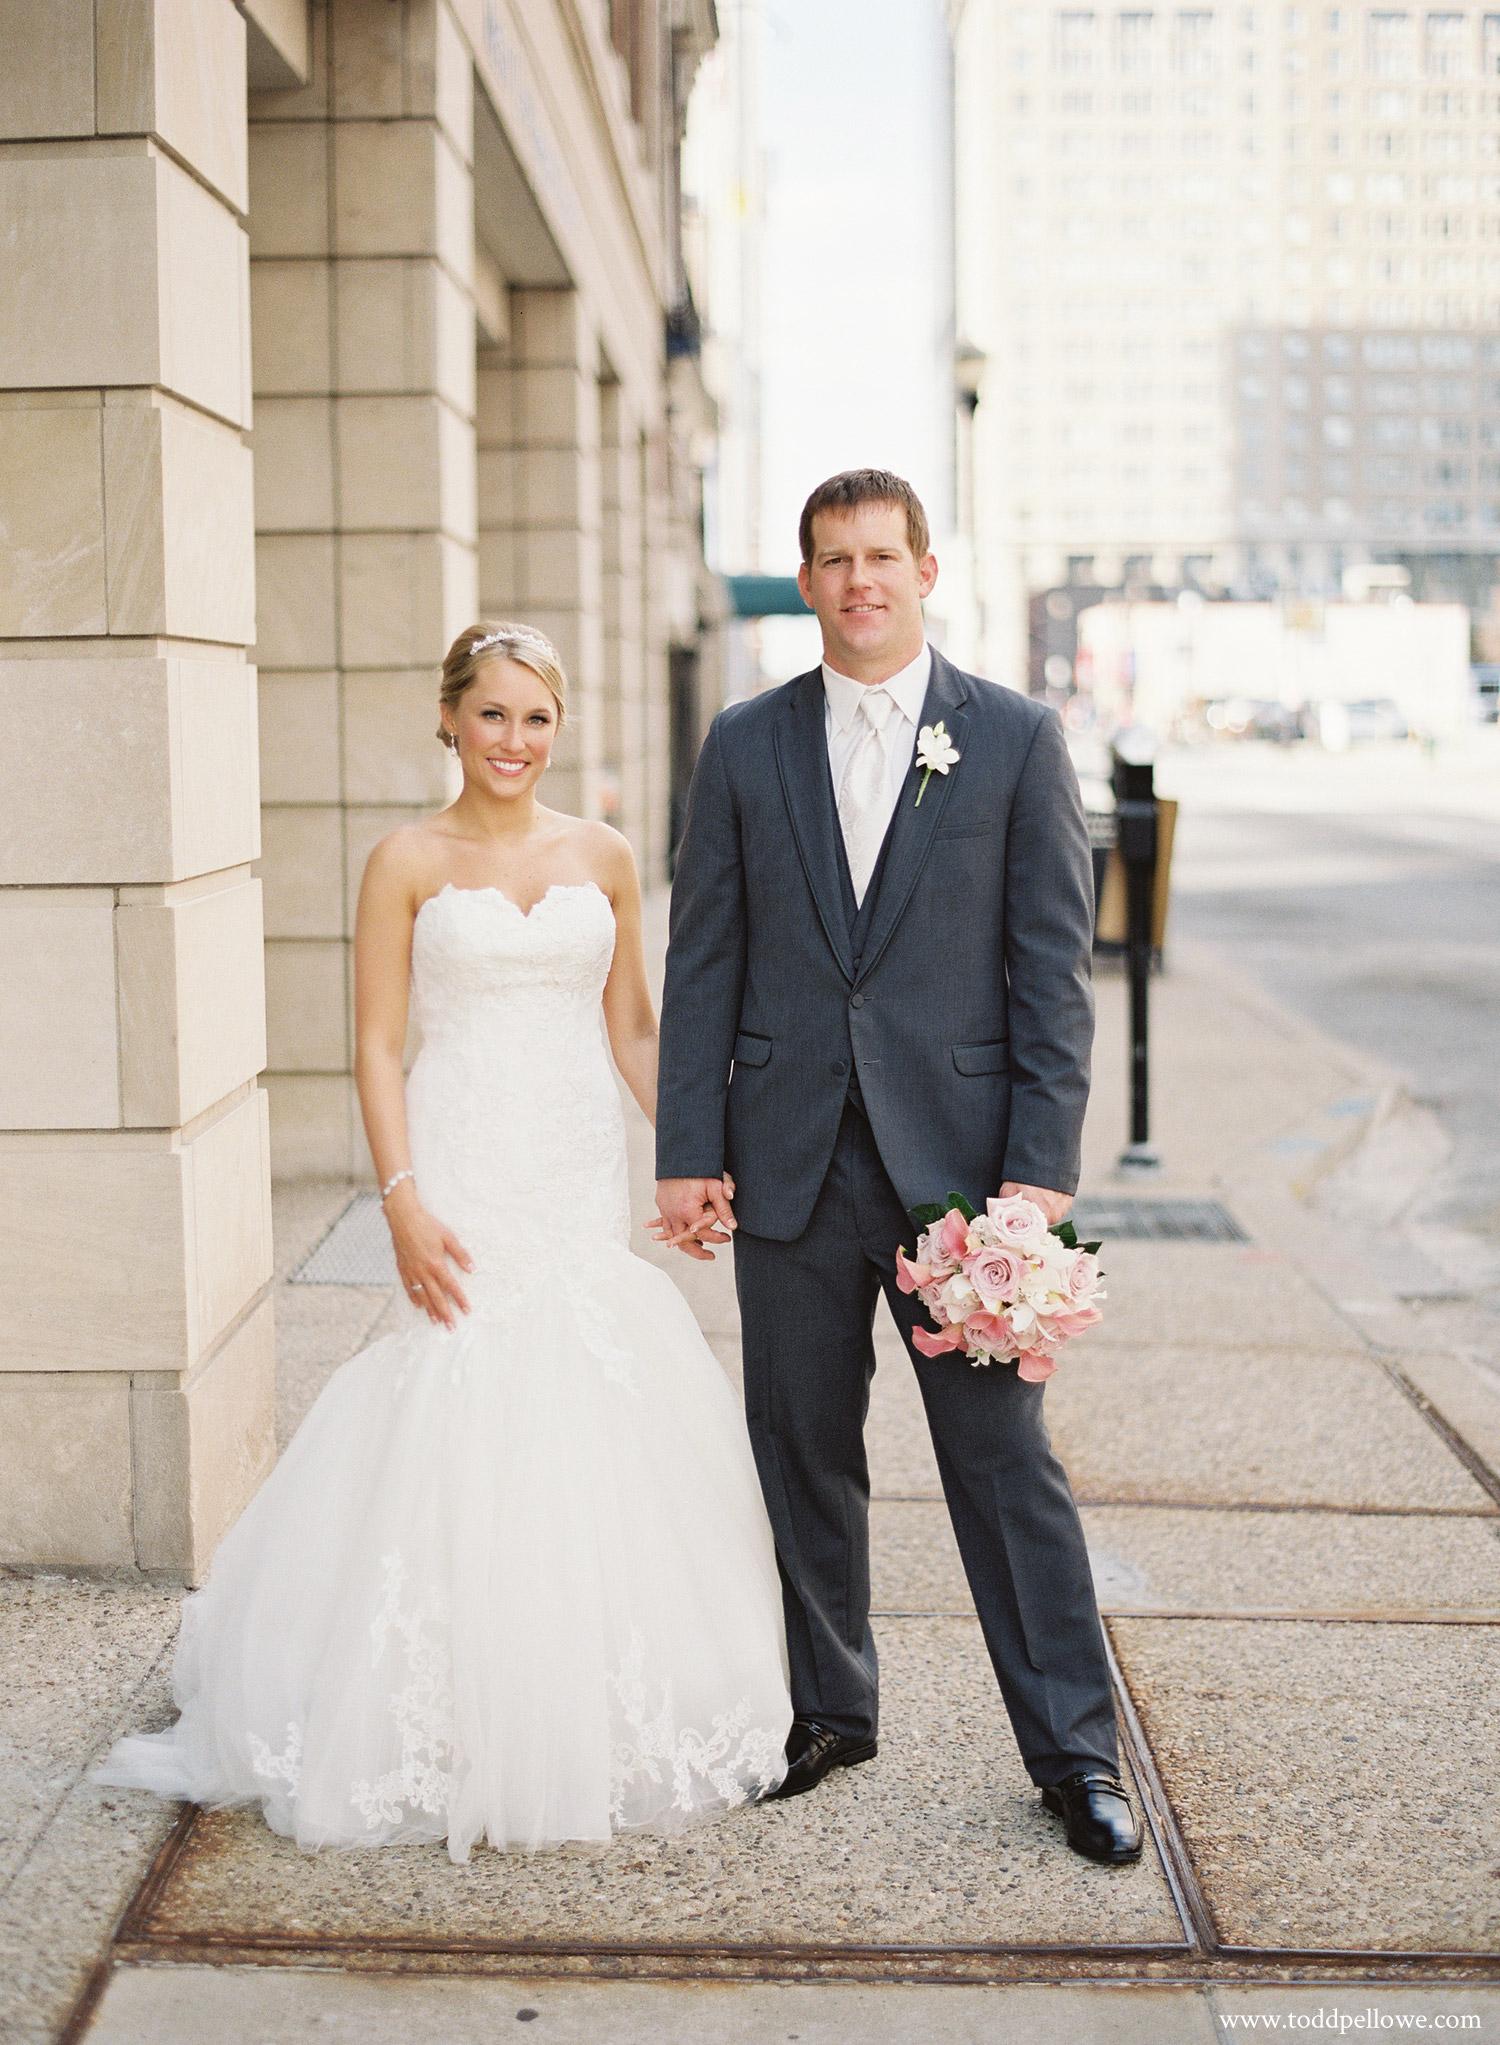 18-ashley-brian-brohm-louisville-wedding-005.jpg